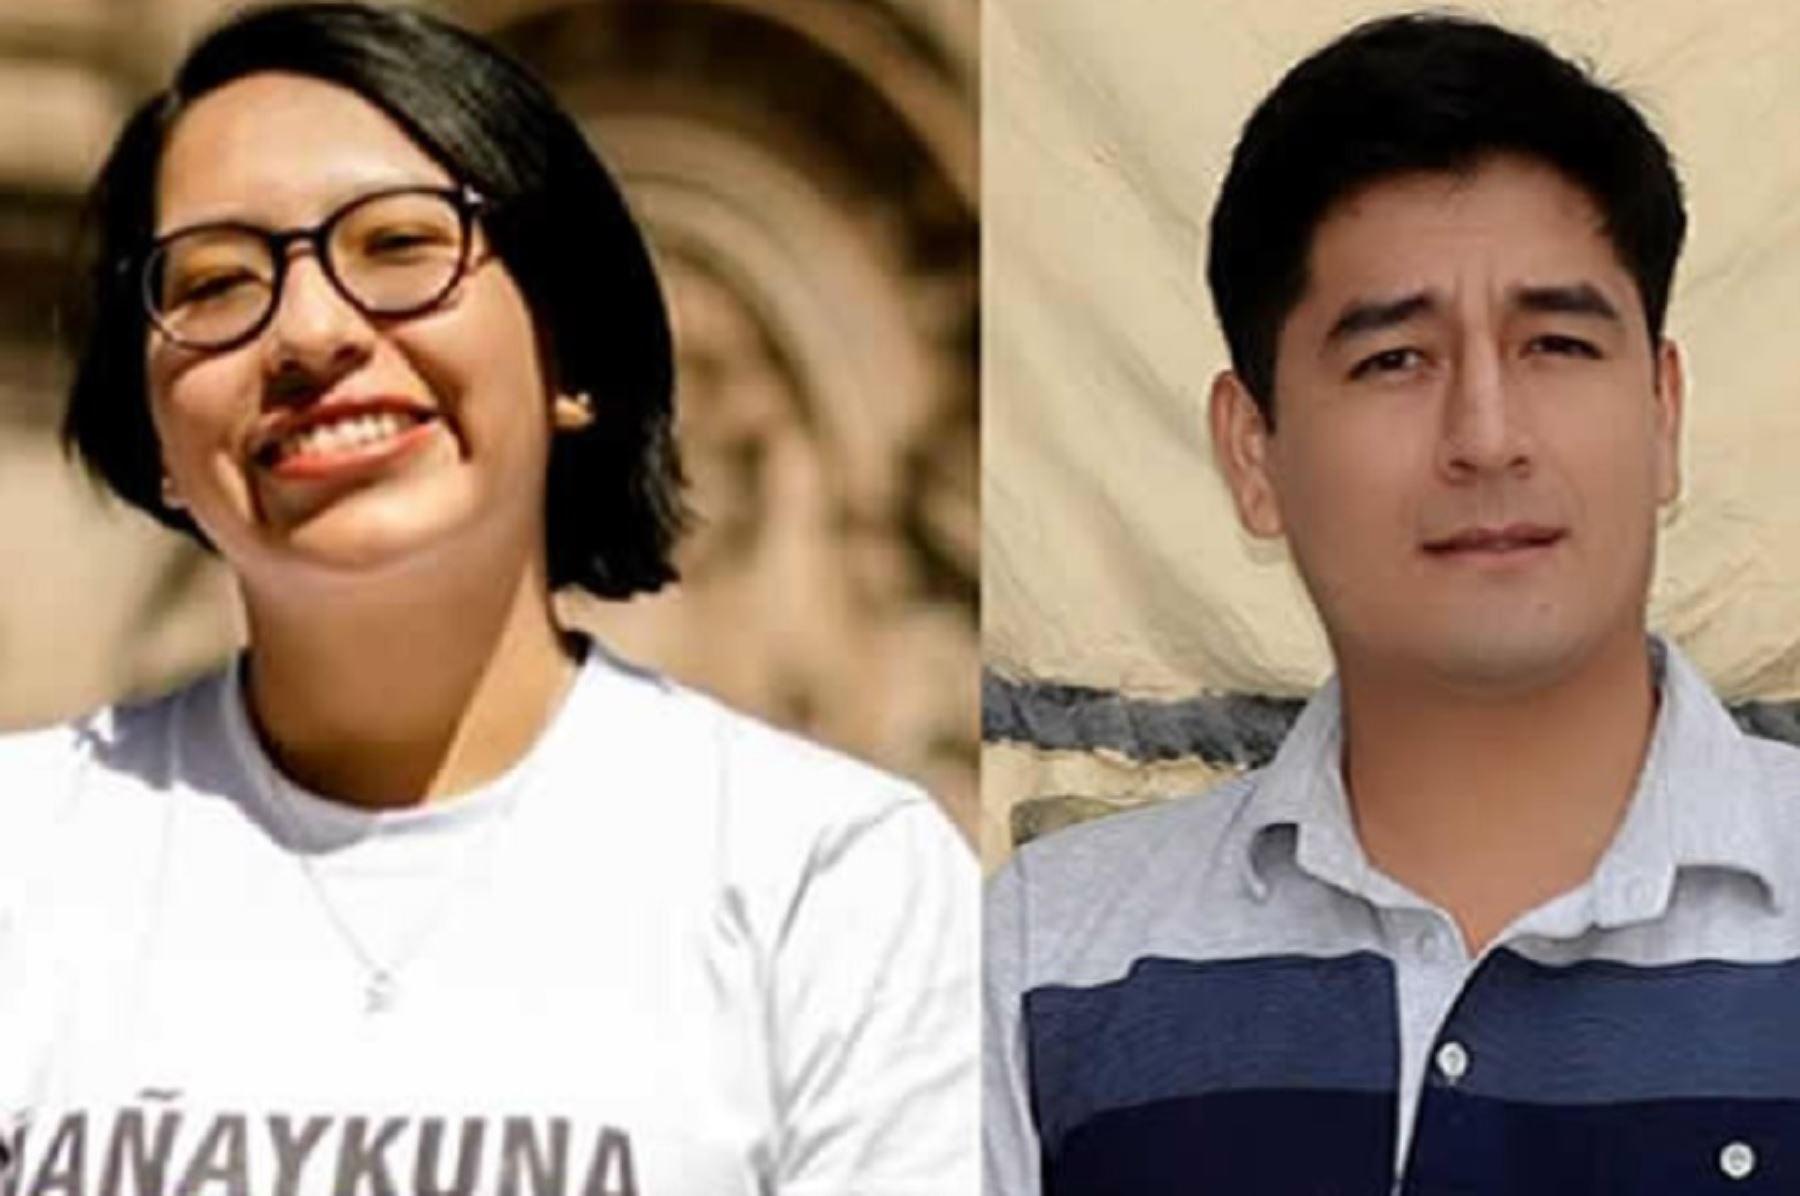 Proyectos de Cajamarca y Cusco ganan Premio Nacional de la Juventud 2021